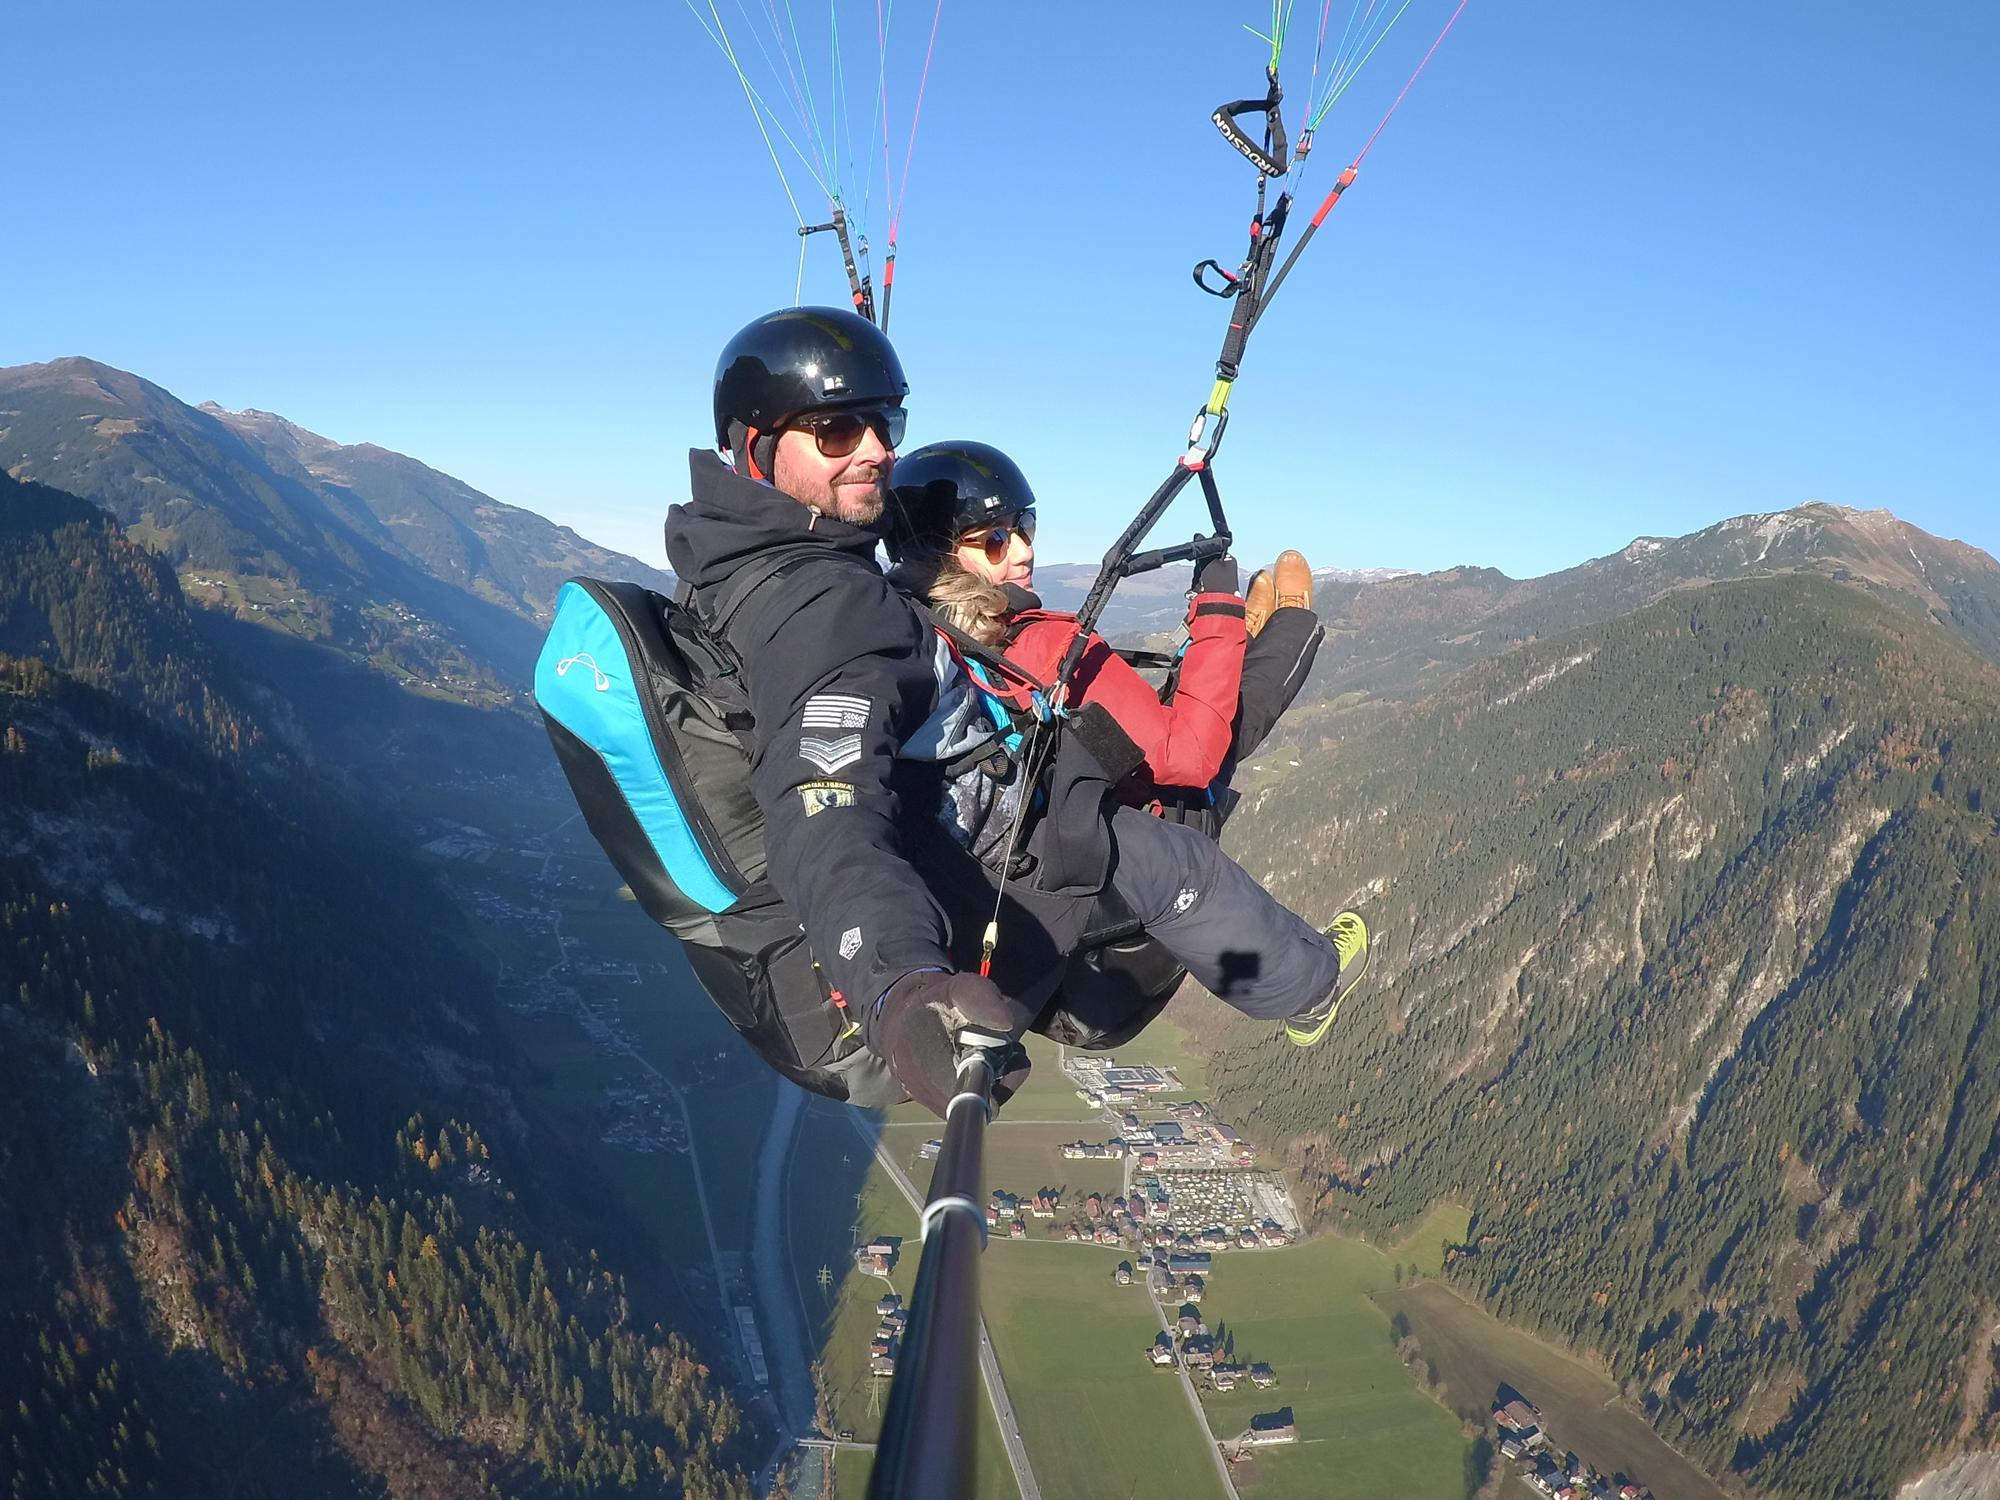 Tandem Paragliding in Mayrhofen im Zillertal - Selfie